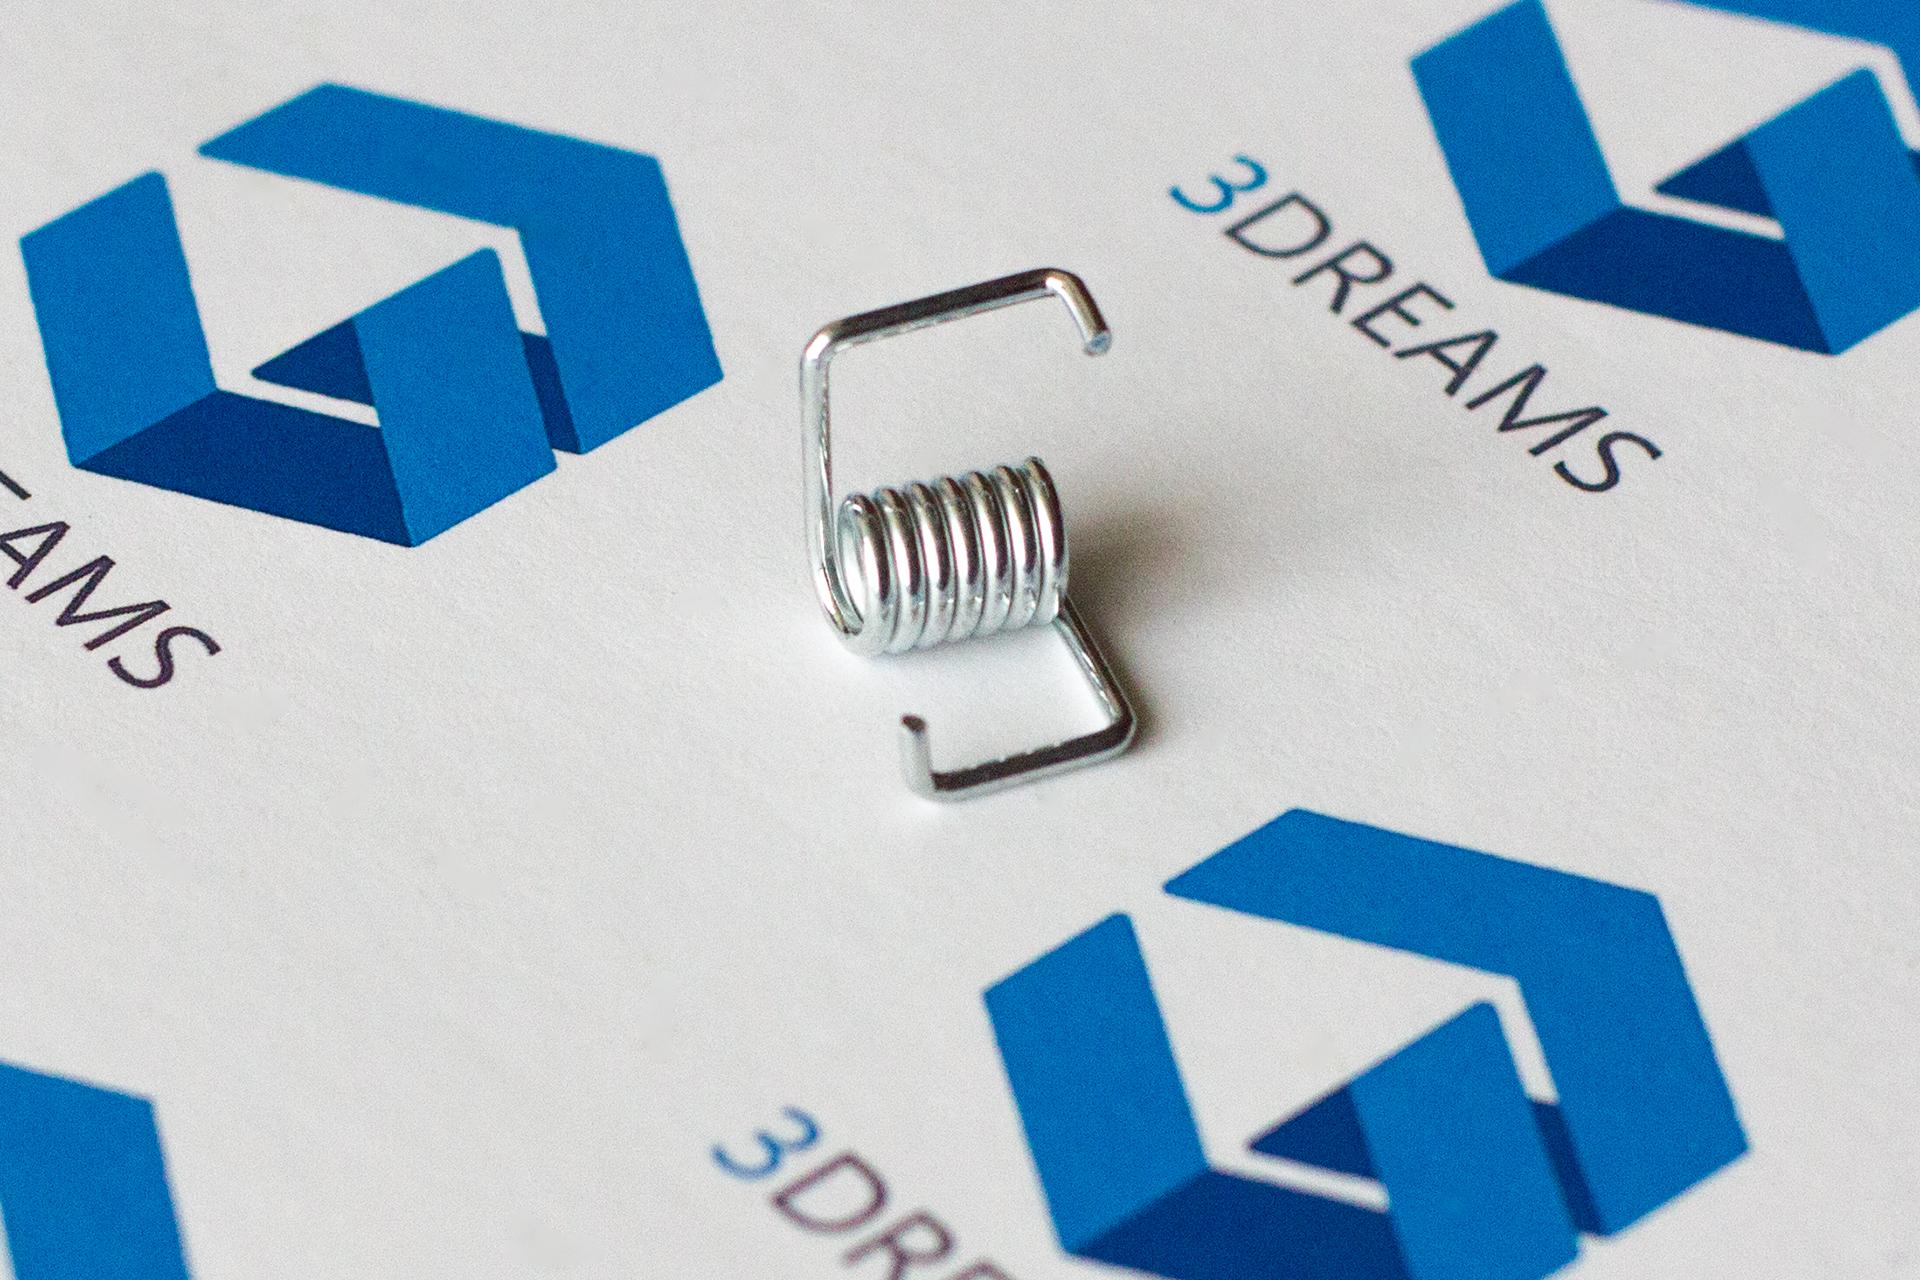 Автоматический натяжитель ремня 3D принтера купить украина 2